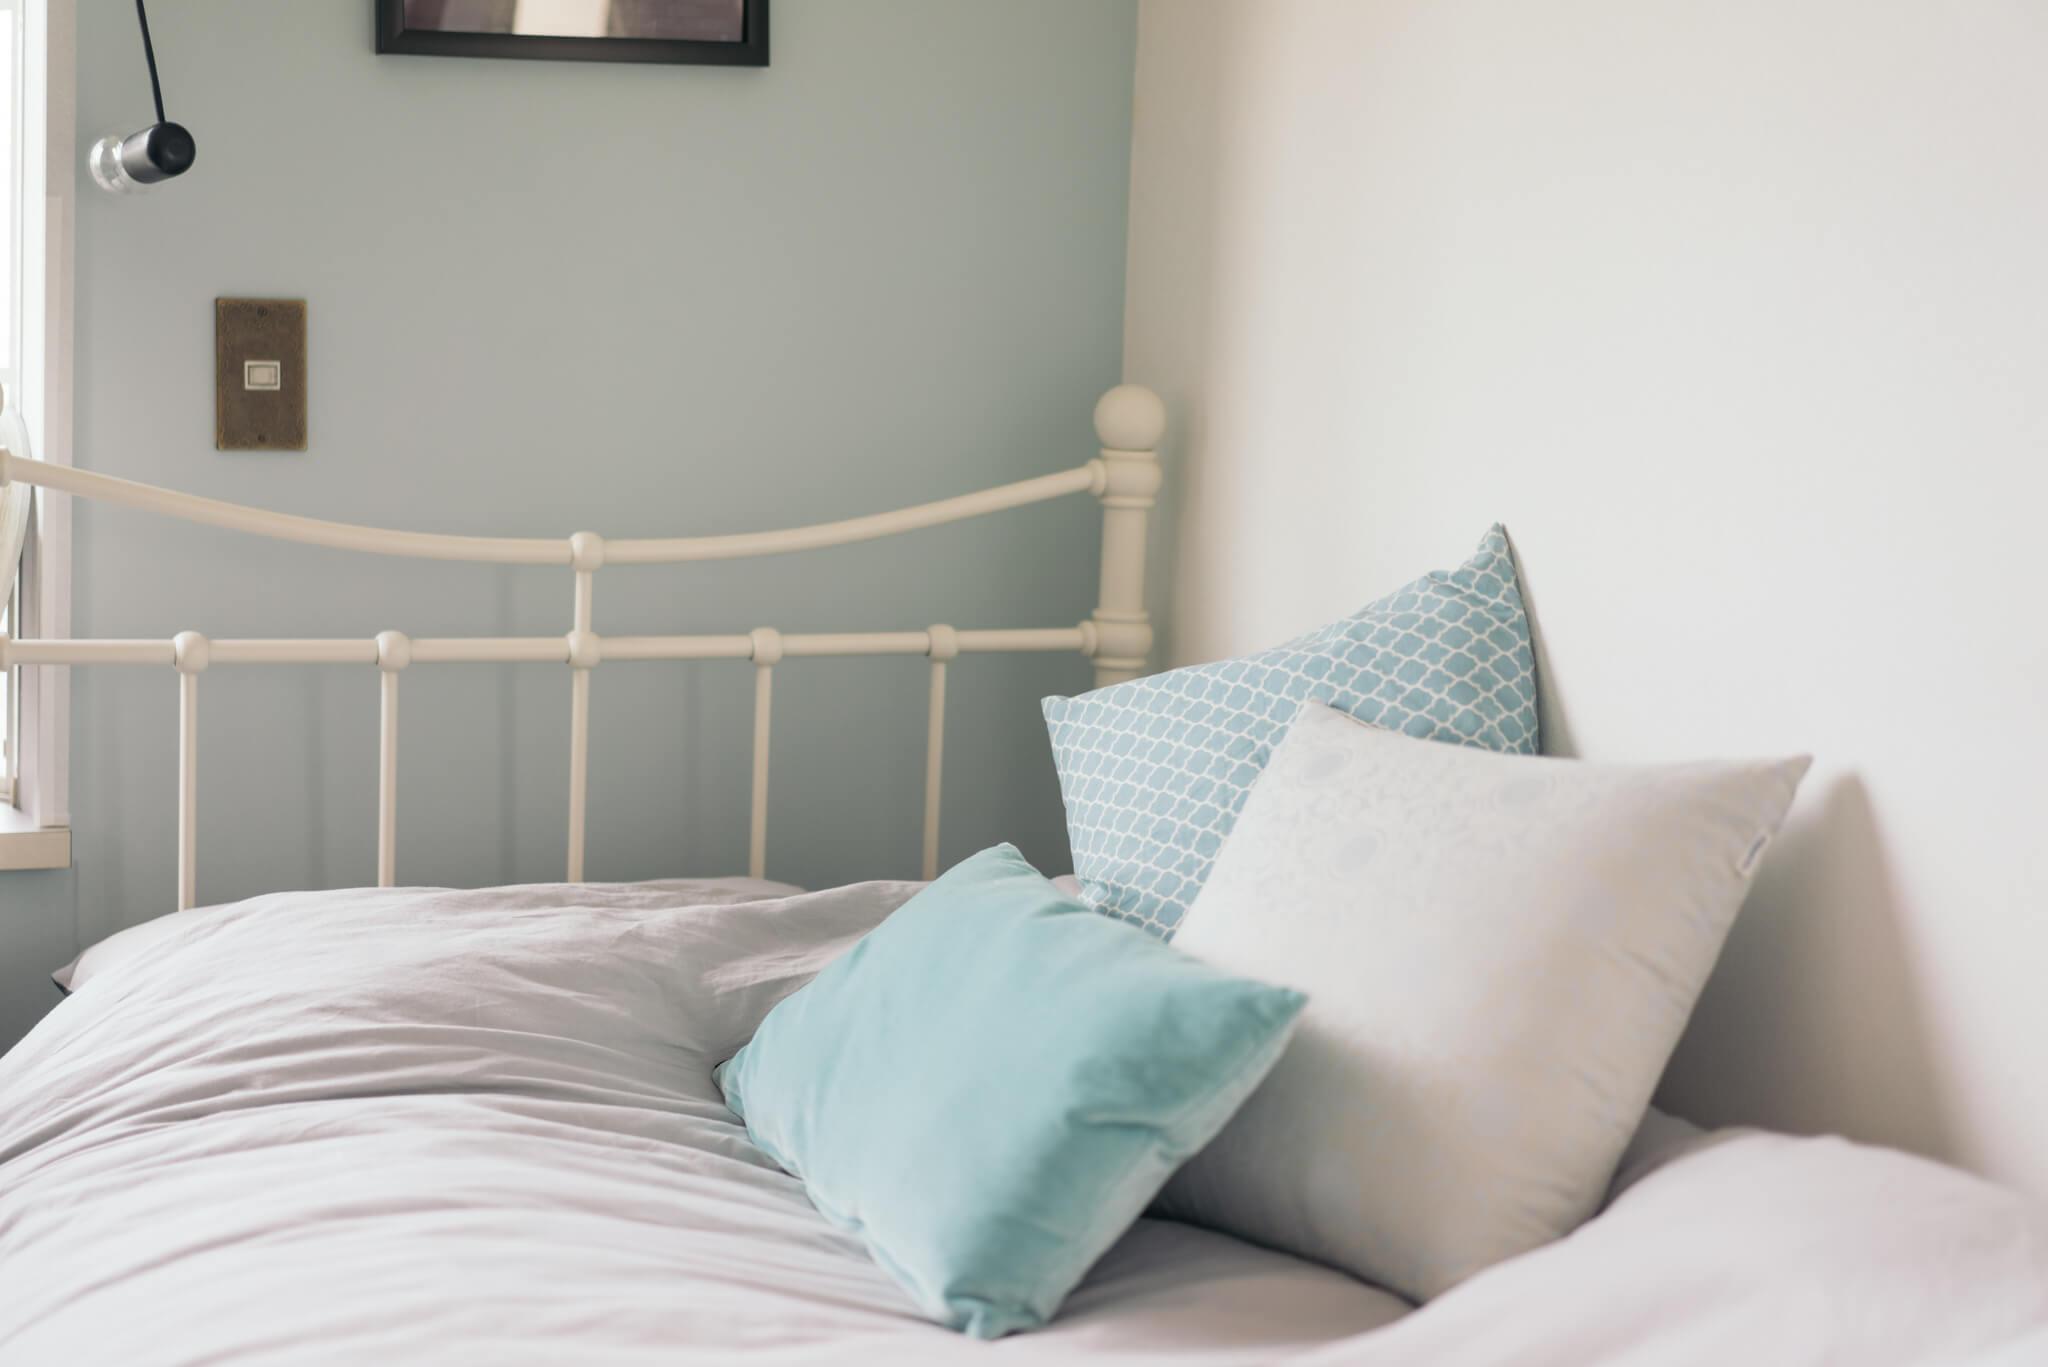 寝苦しい夜を快適に過ごす「ベッドルーム」アイディアまとめ